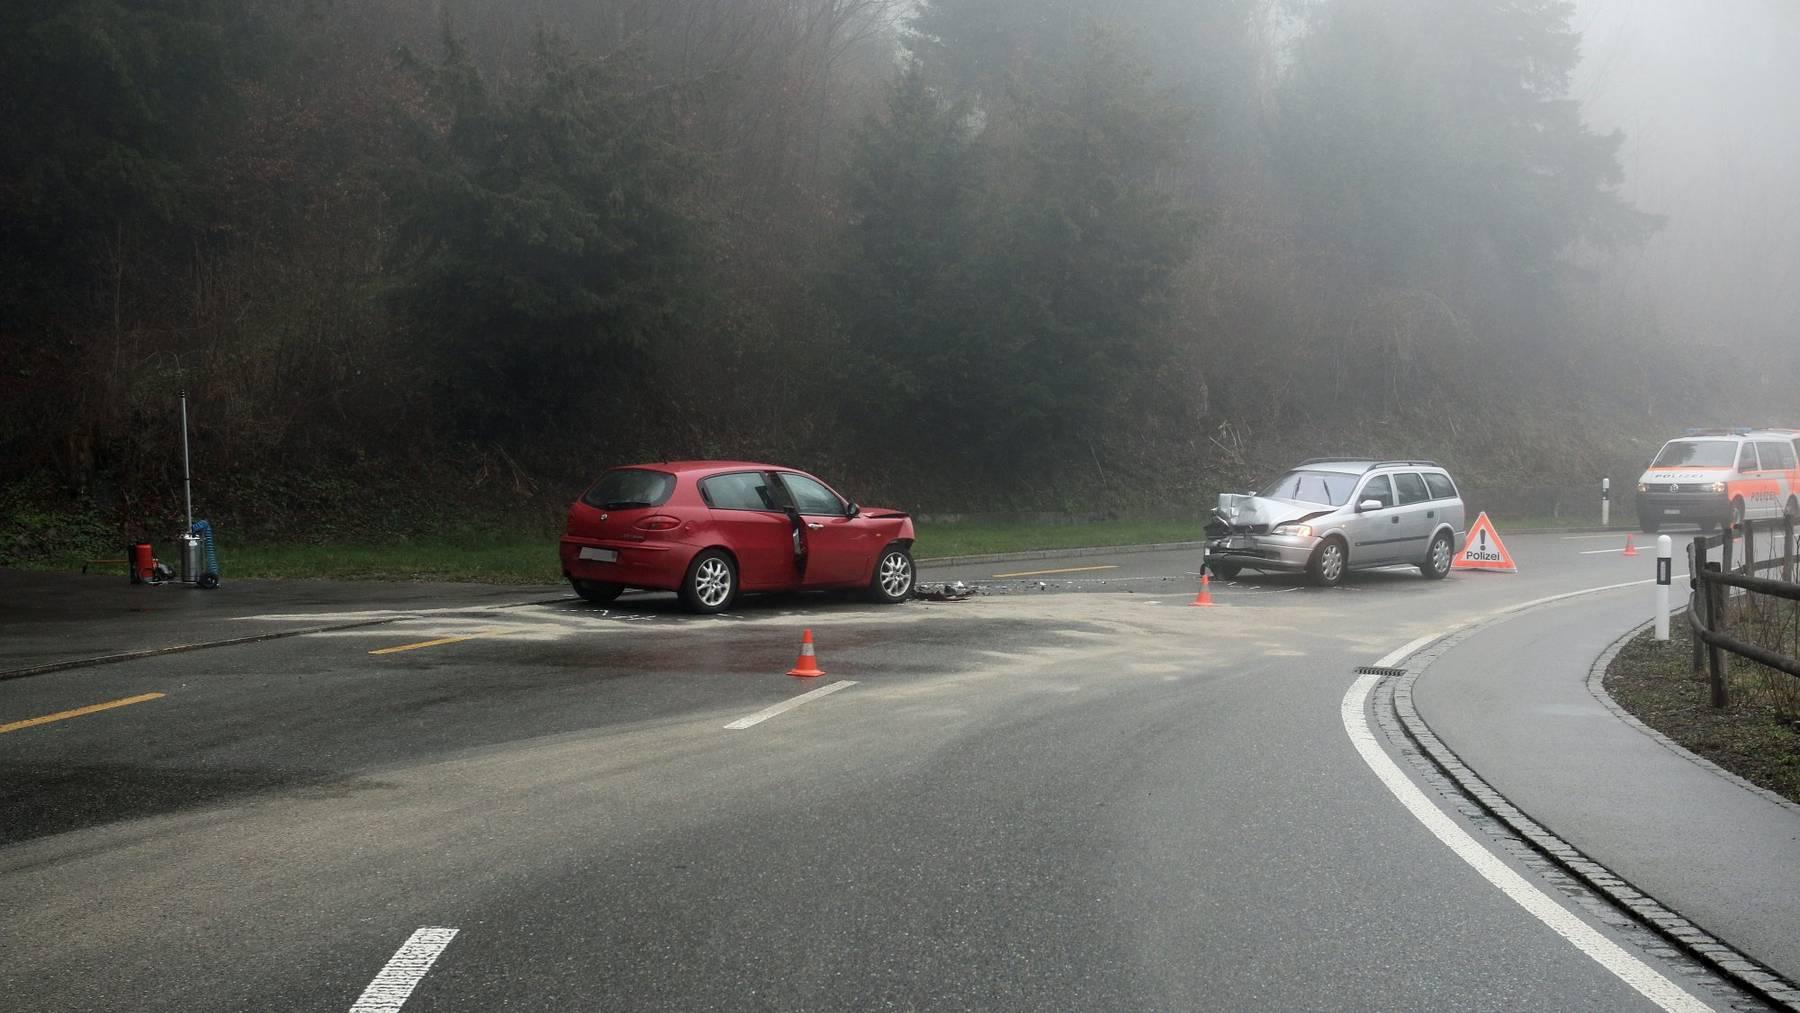 Die beiden Autos kollidierten frontal miteinander.